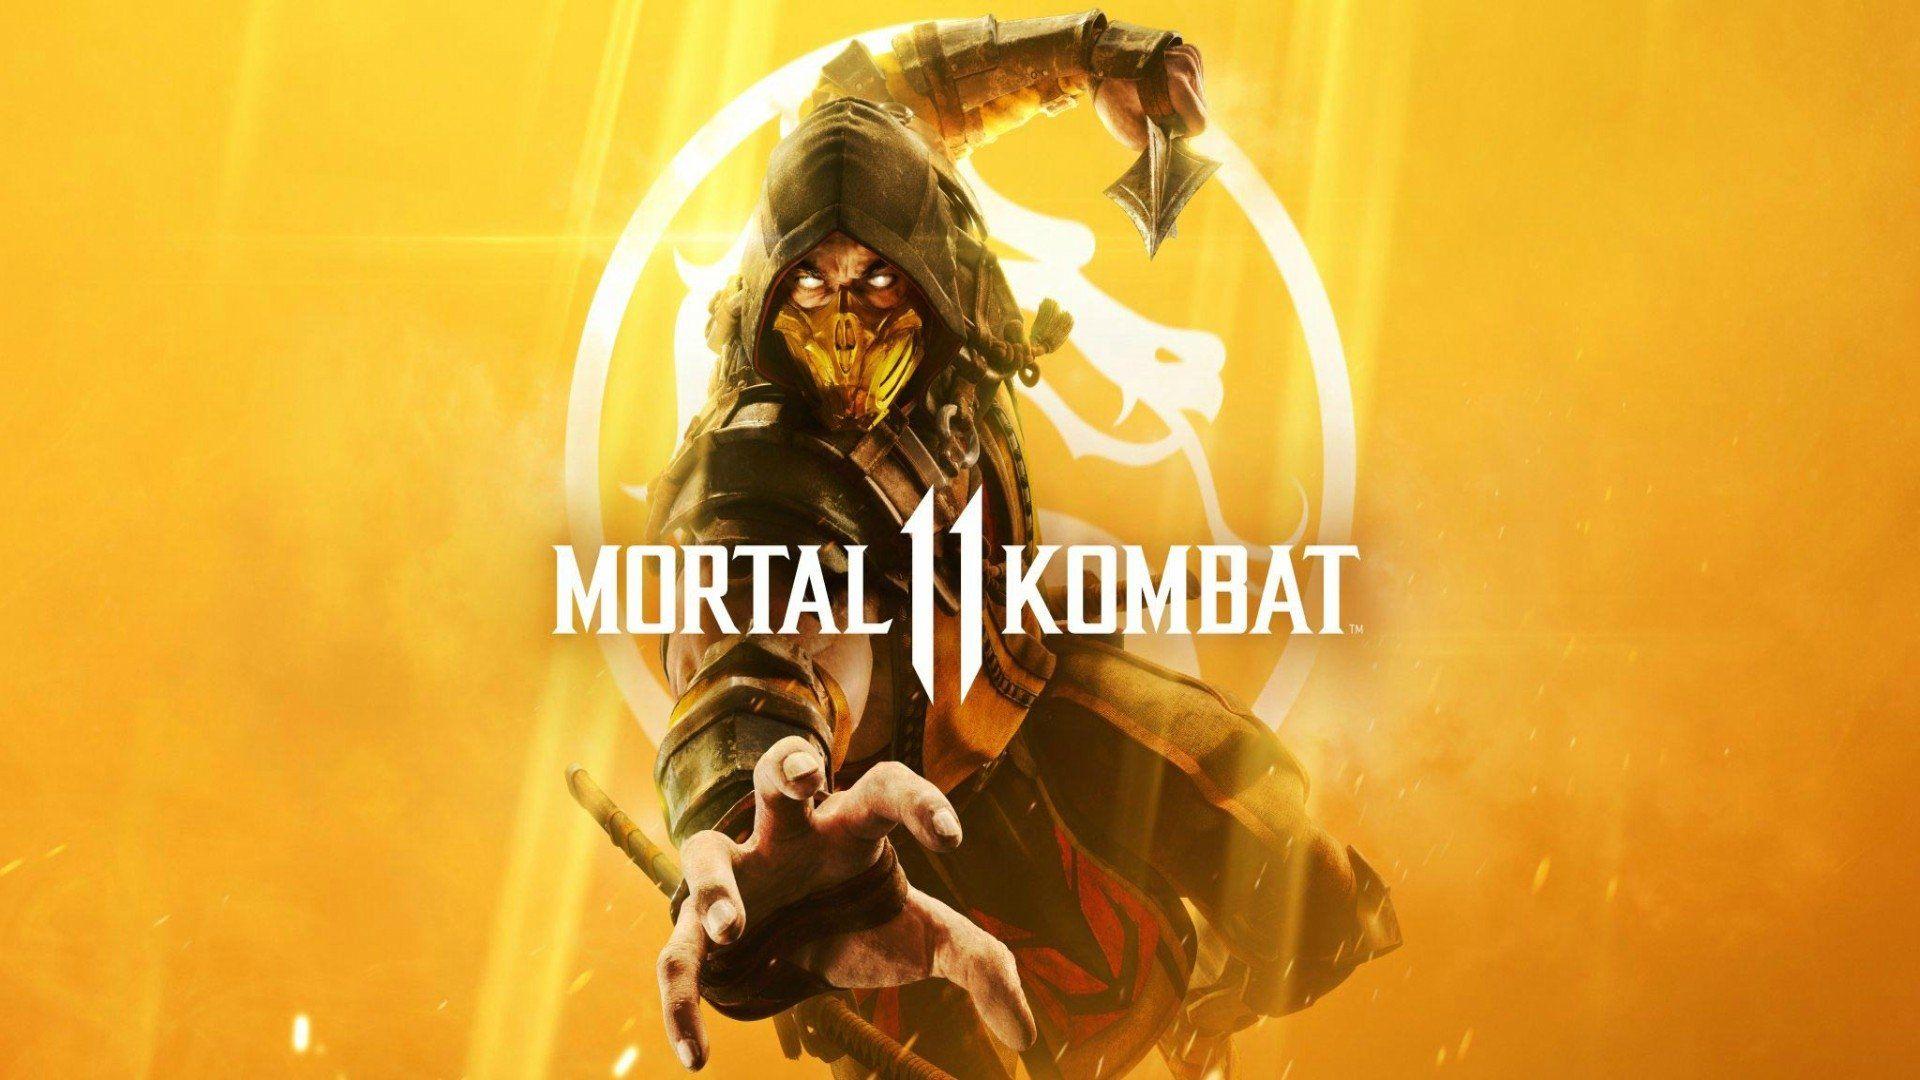 Youtube ajánló - Mortal Kombat 11: Aftermath szinkron